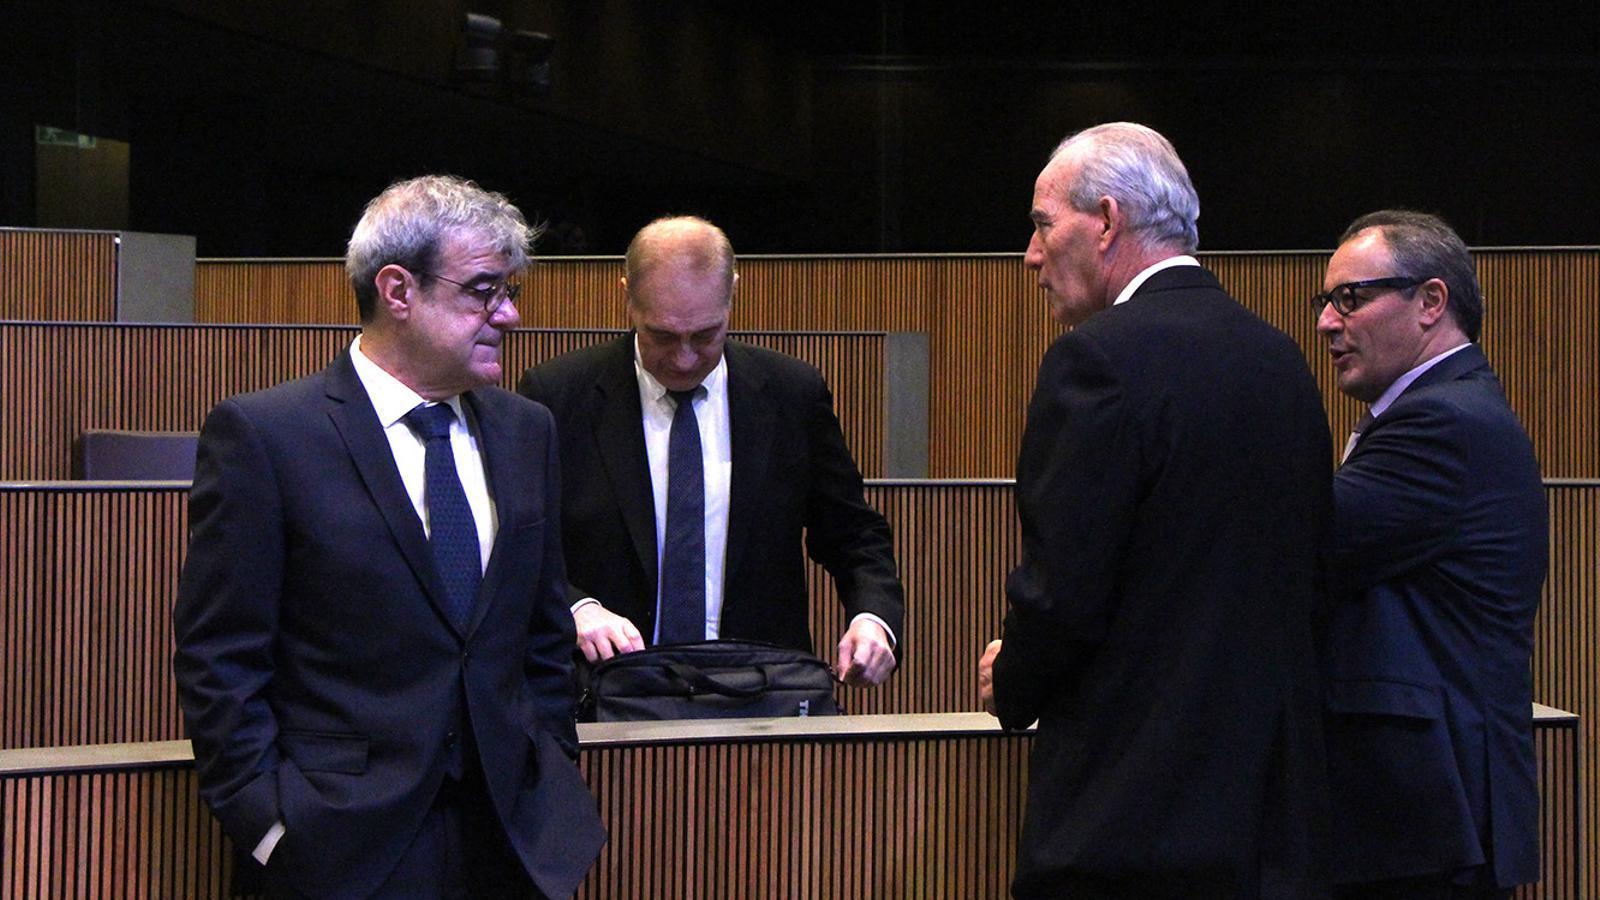 Els consellers demòcrates Ladislau Baró i Miquel Aleix conversen amb els consellers d'UL-IM Josep Pintat i Joan Carles Camp. / M. F. (ANA)